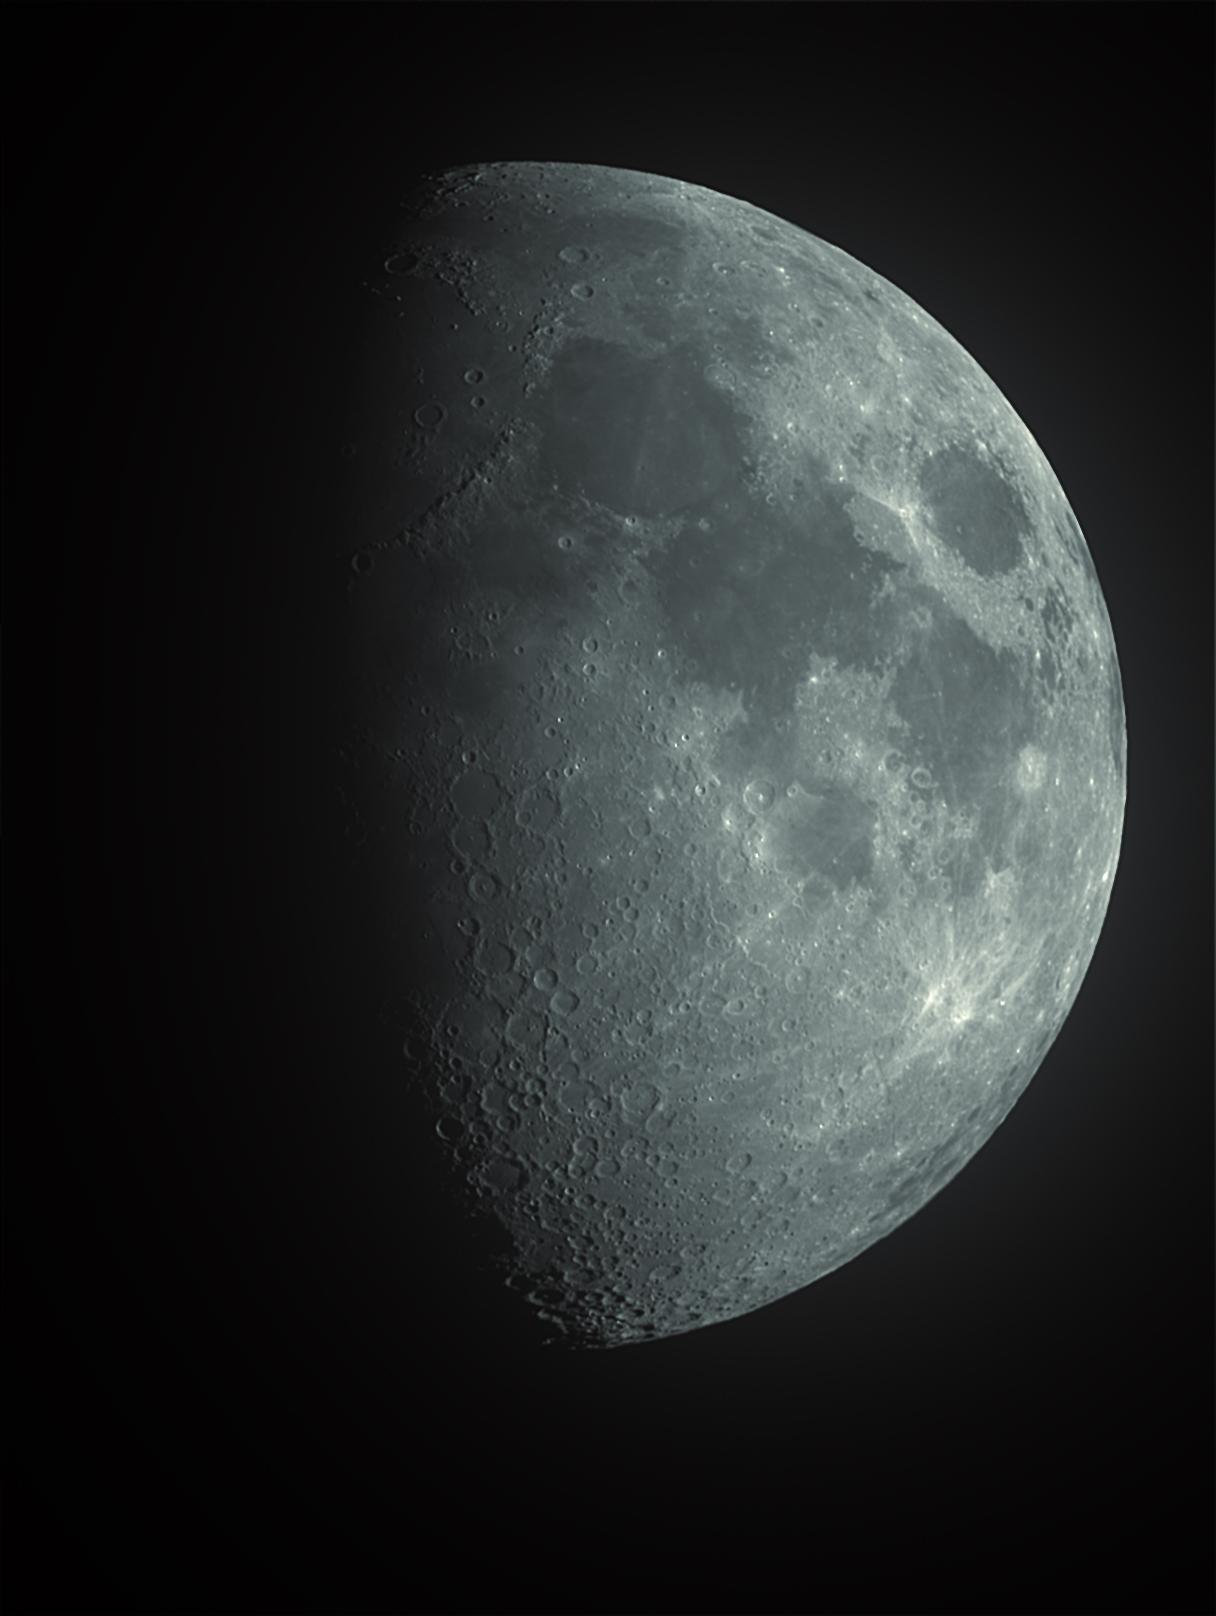 Moon - December 3, 2011